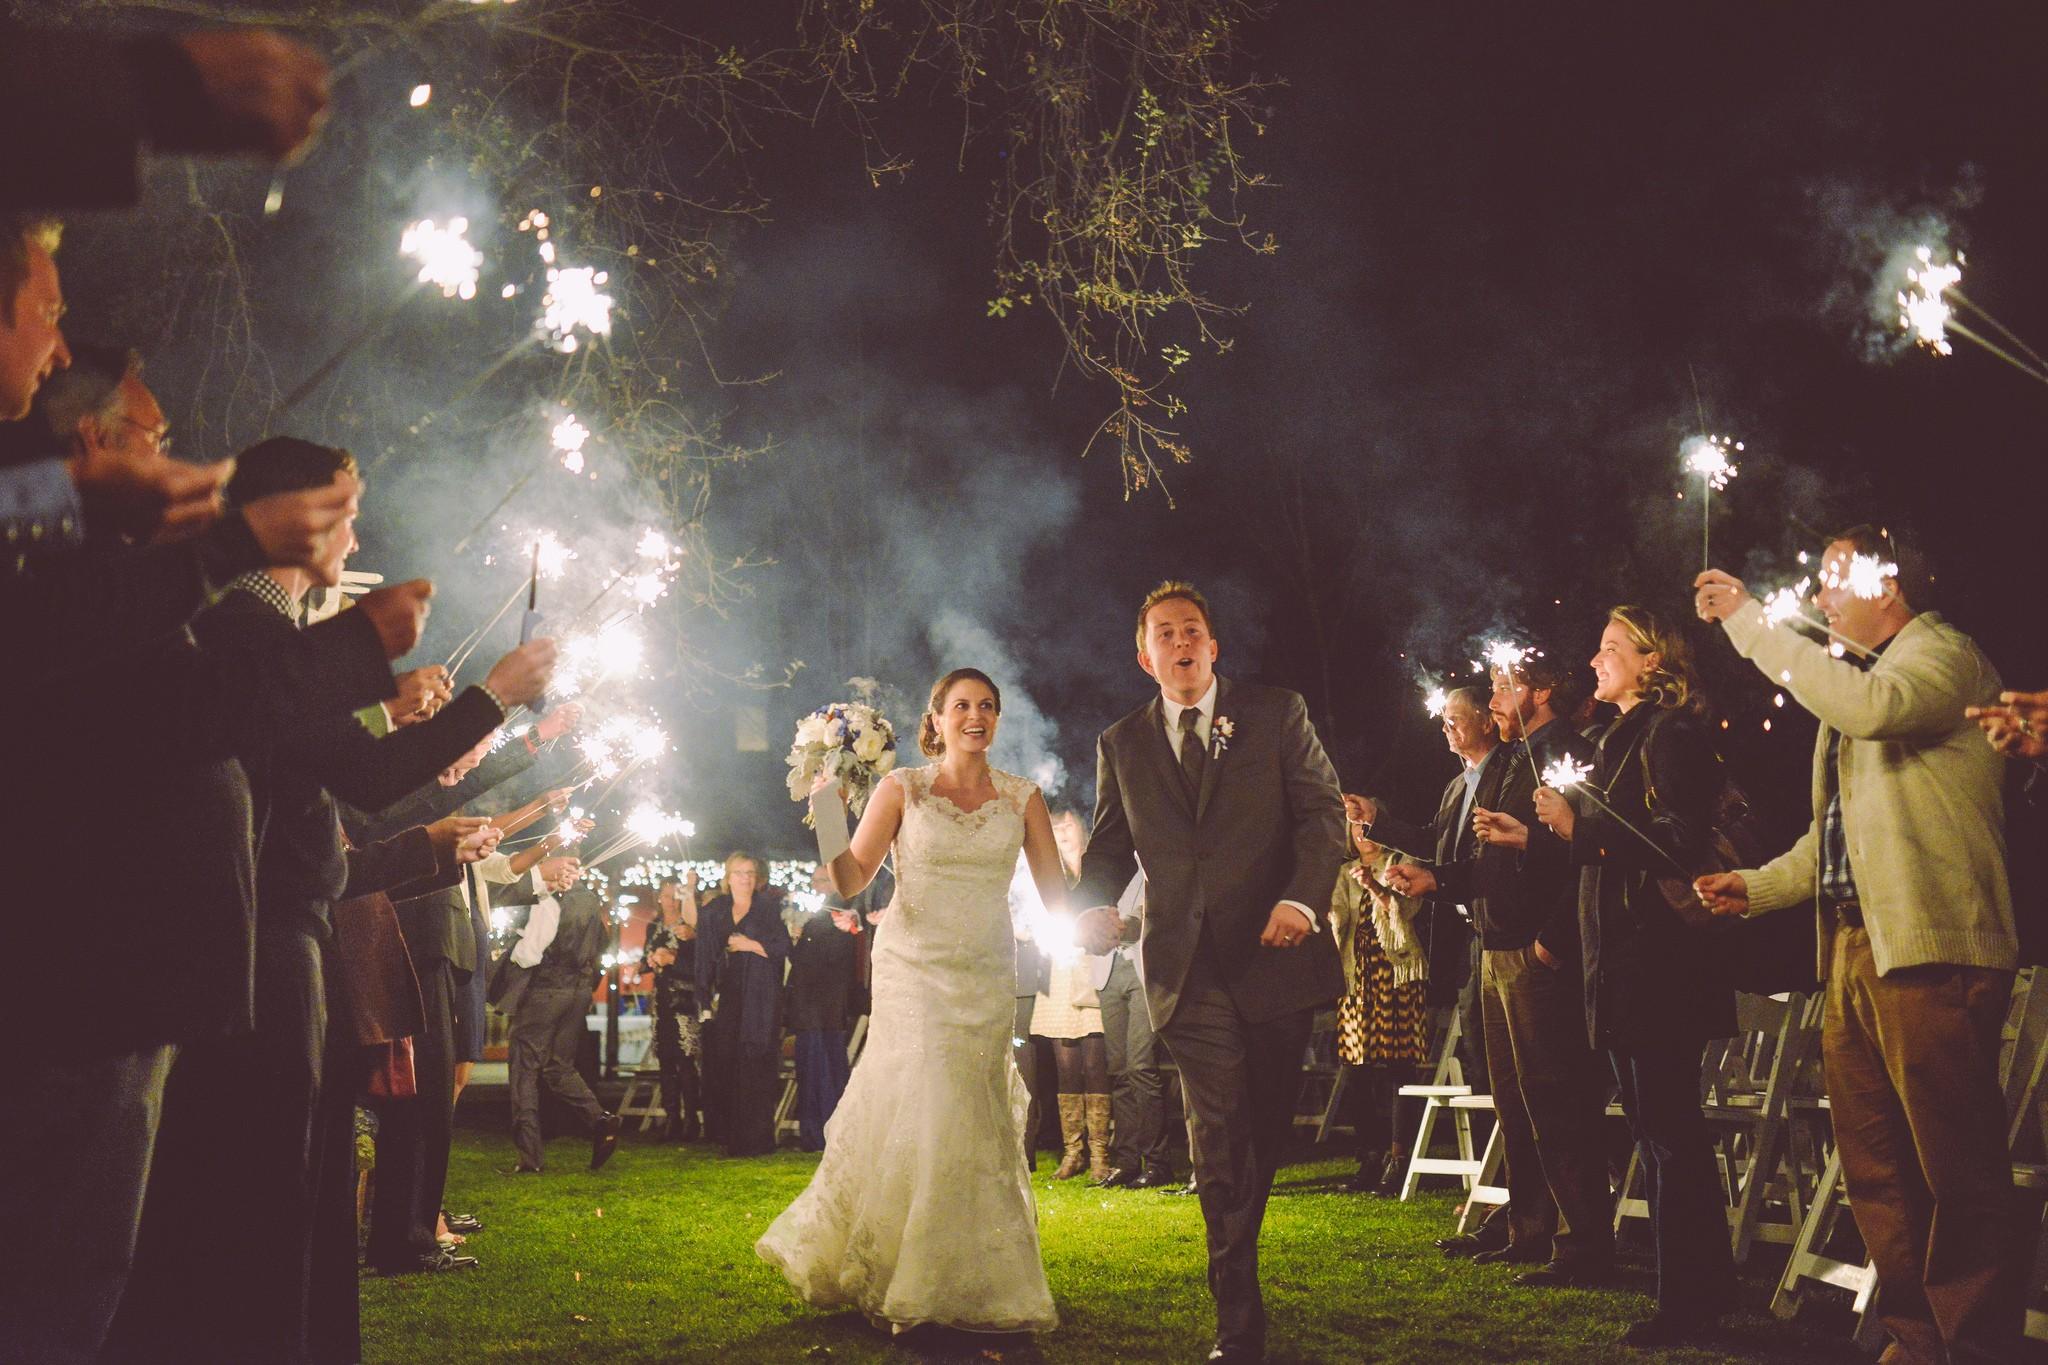 Casamento feliz? (Foto: Creative Commons)